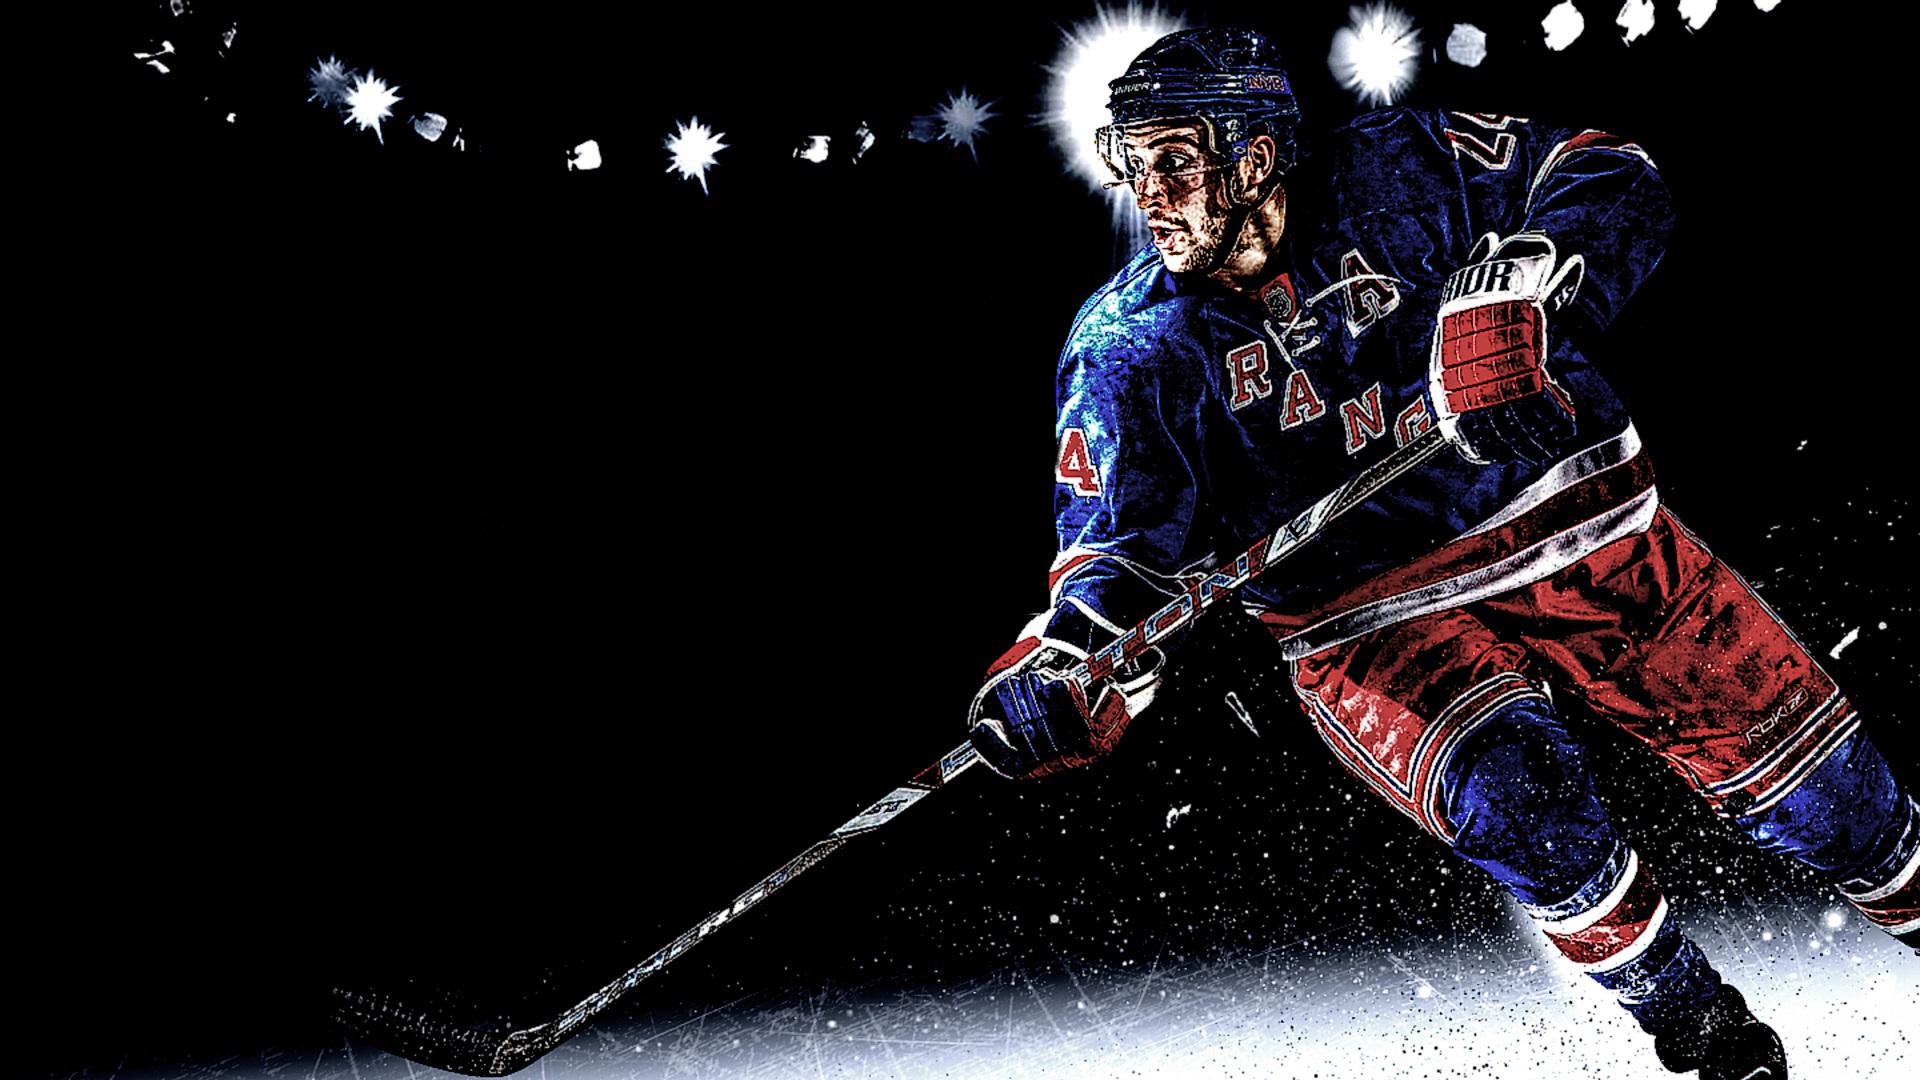 хоккеист красивые картинки высокого качества глянцевые